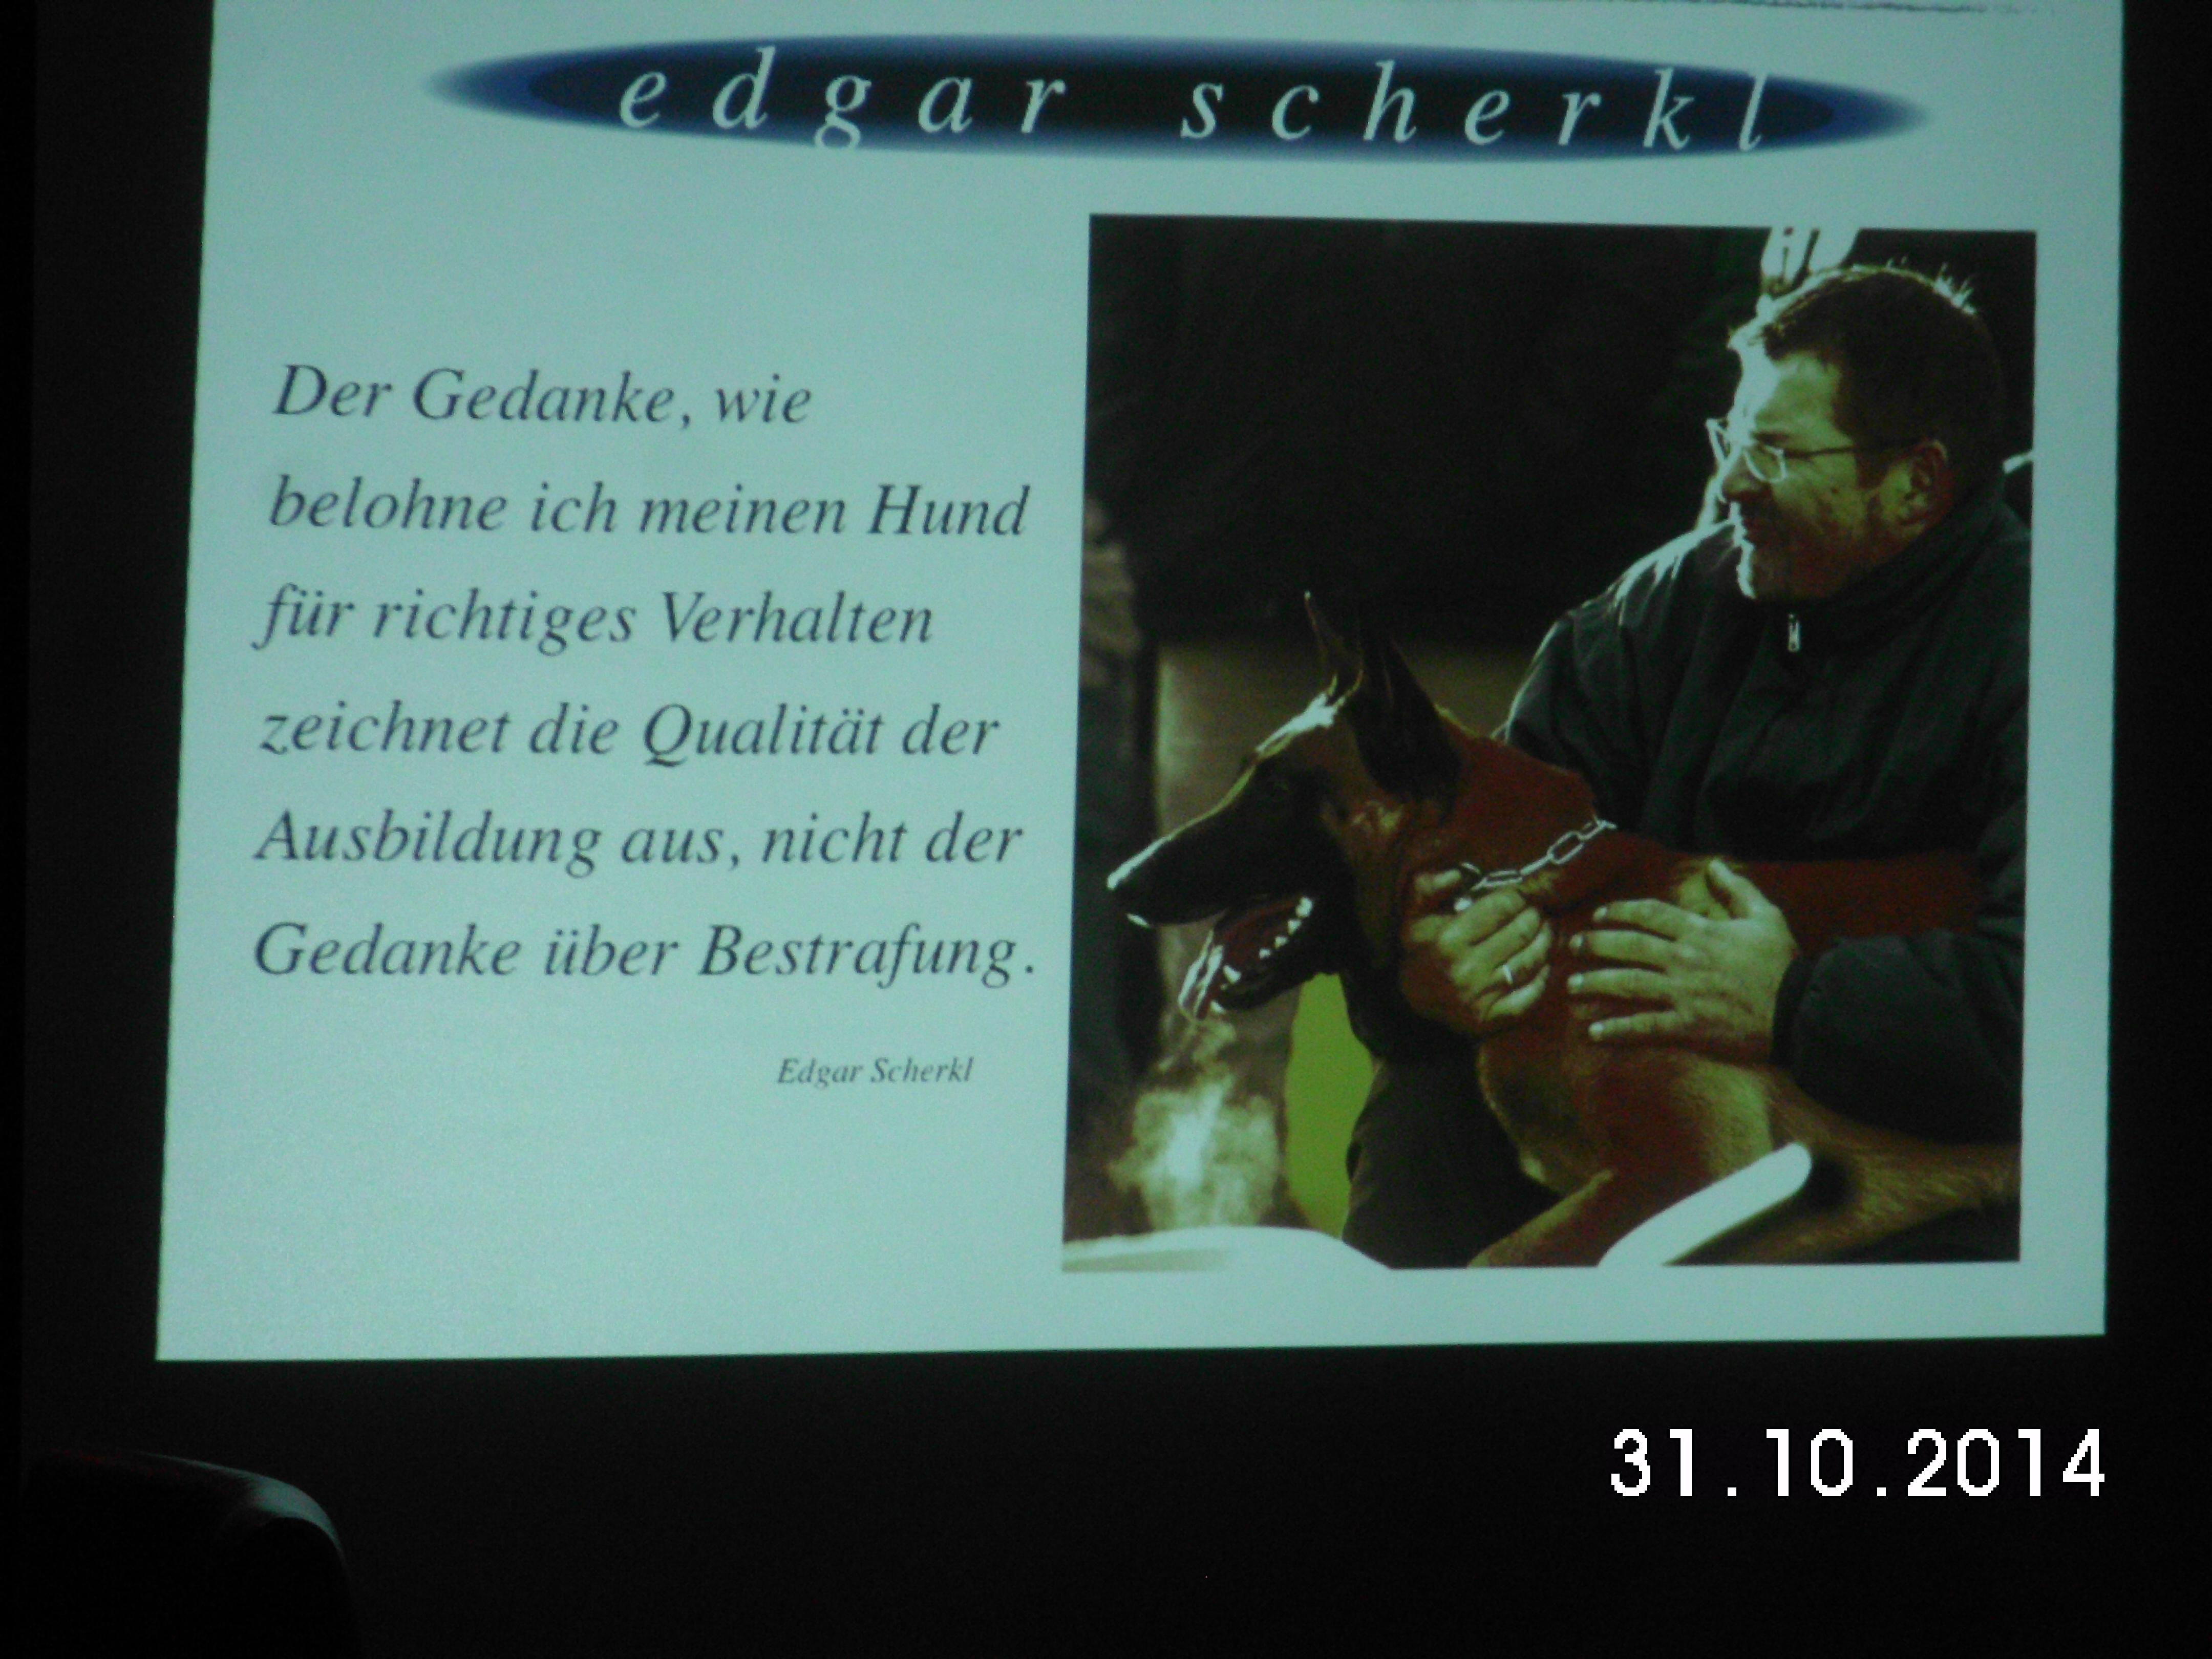 Edgar Scherkl 1308